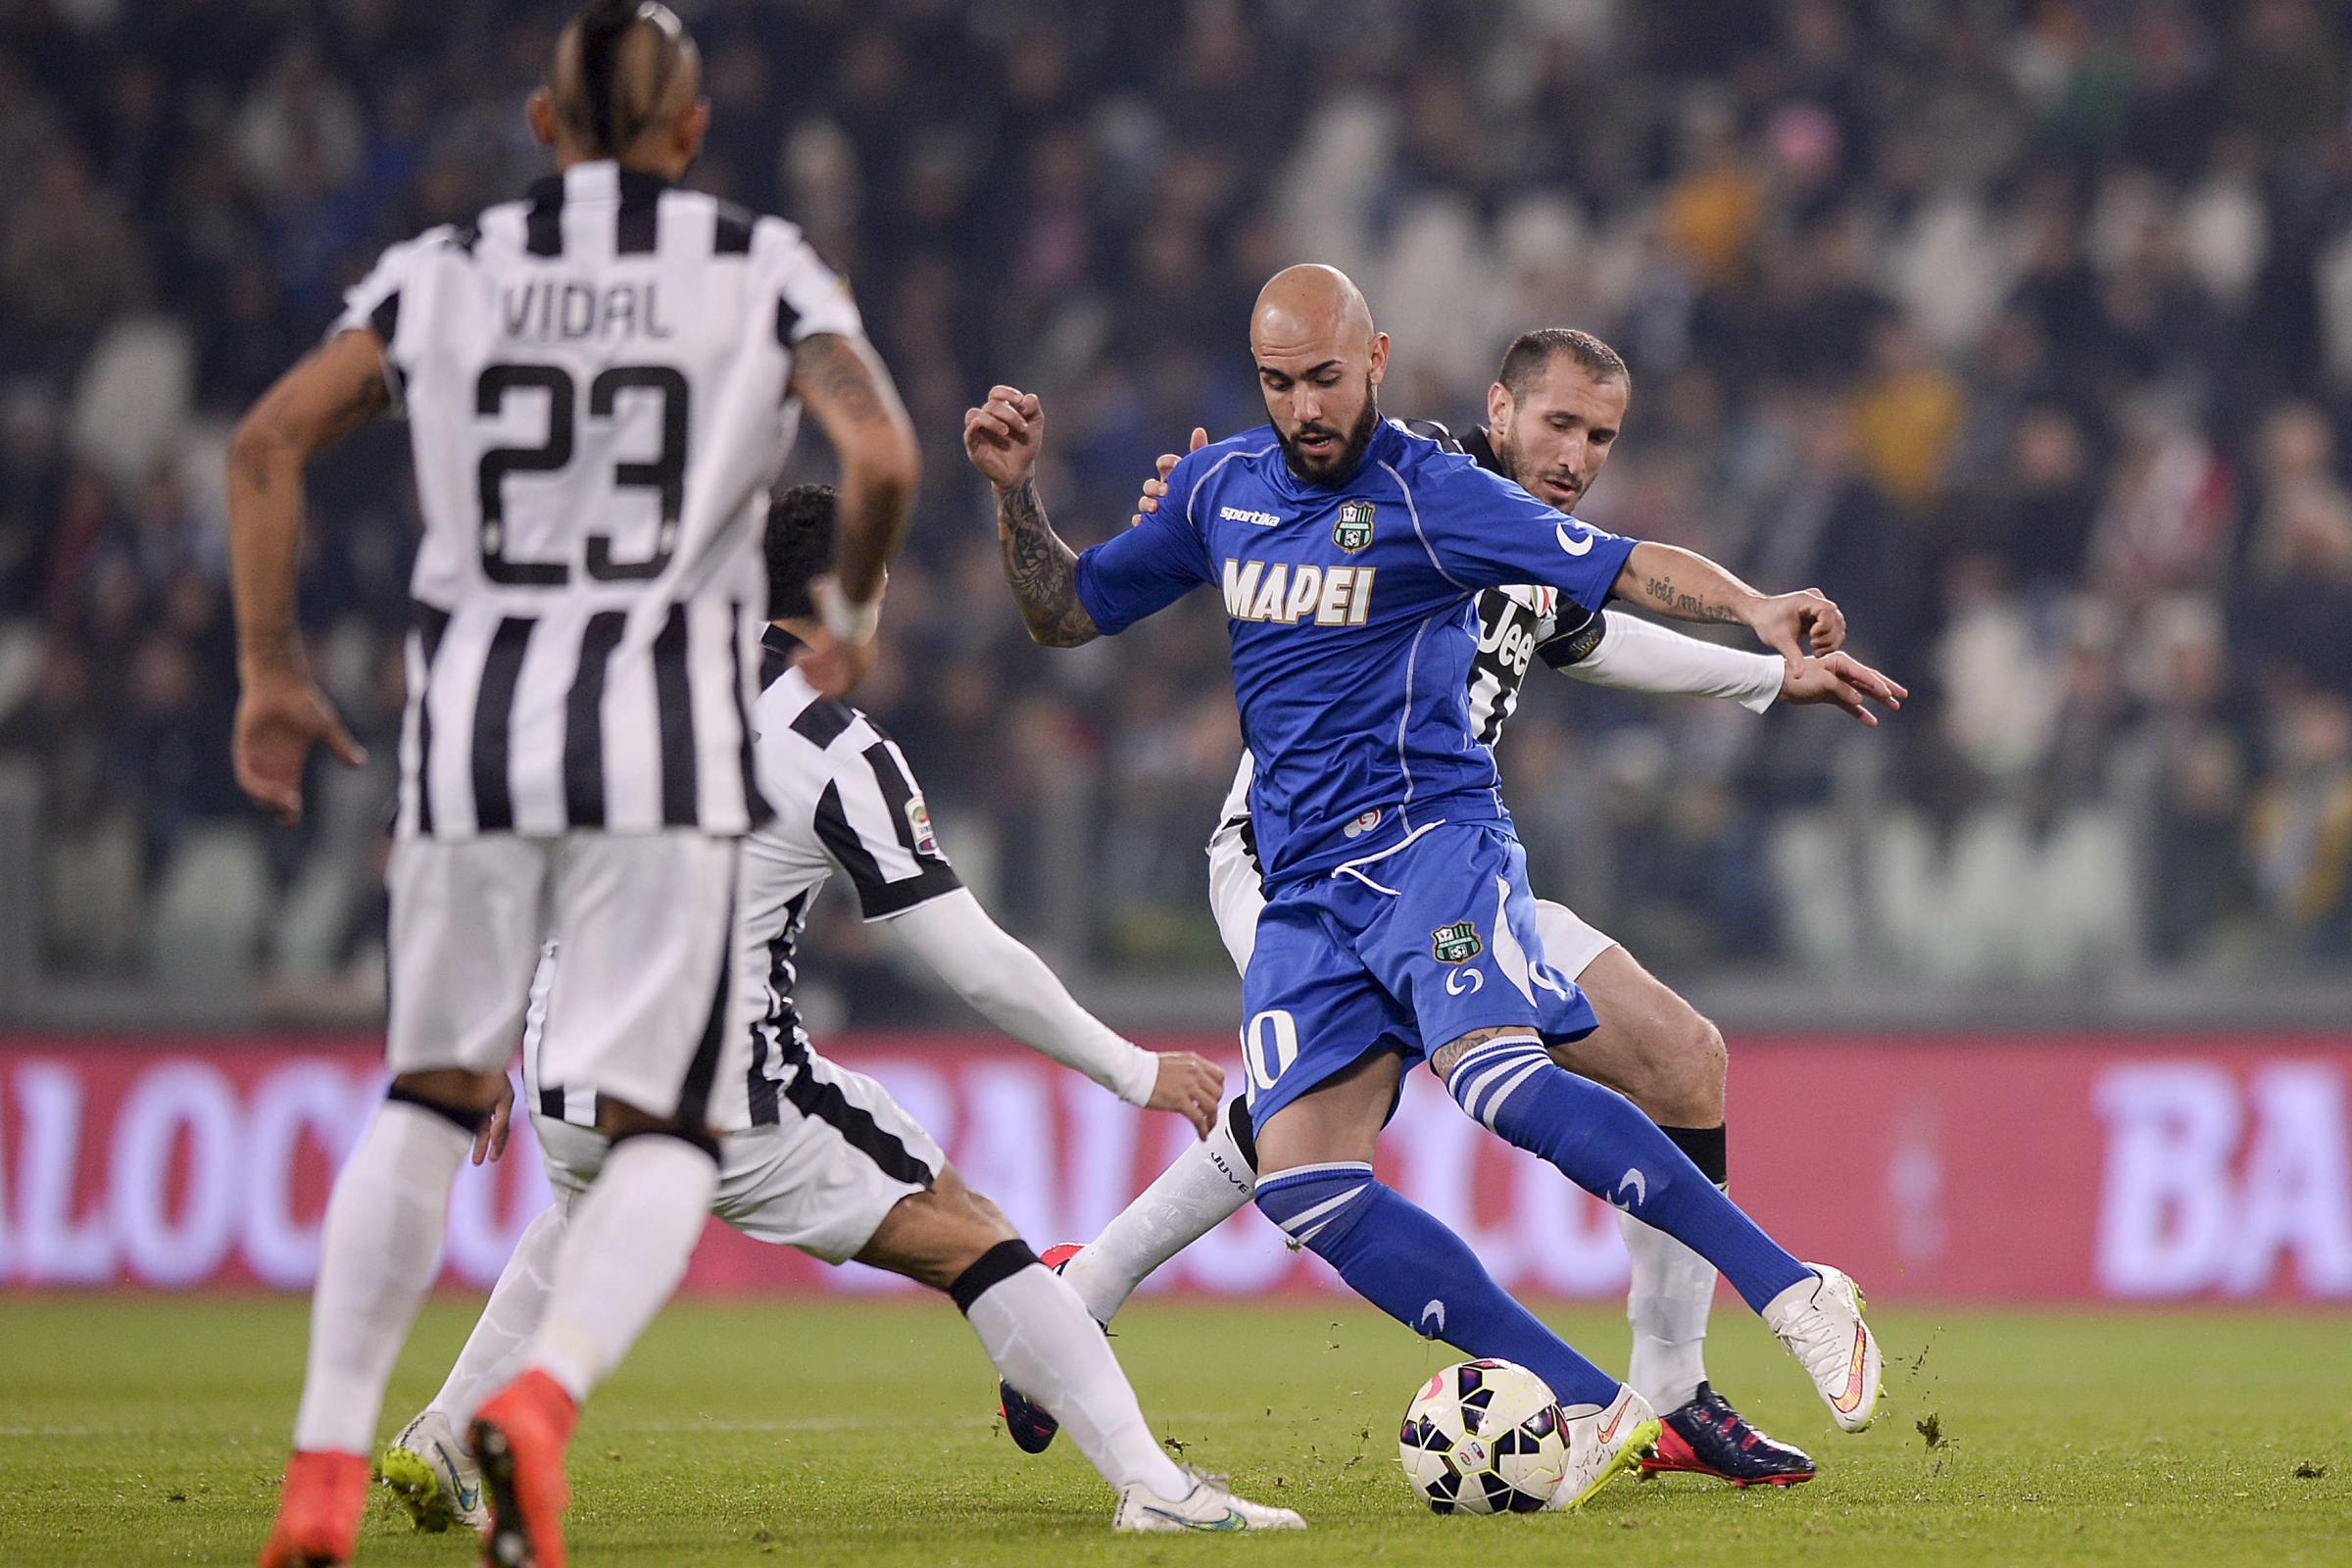 Juventus sassuolo risultato 1 0 le mani sullo scudetto for Scarica sfondi juventus gratis